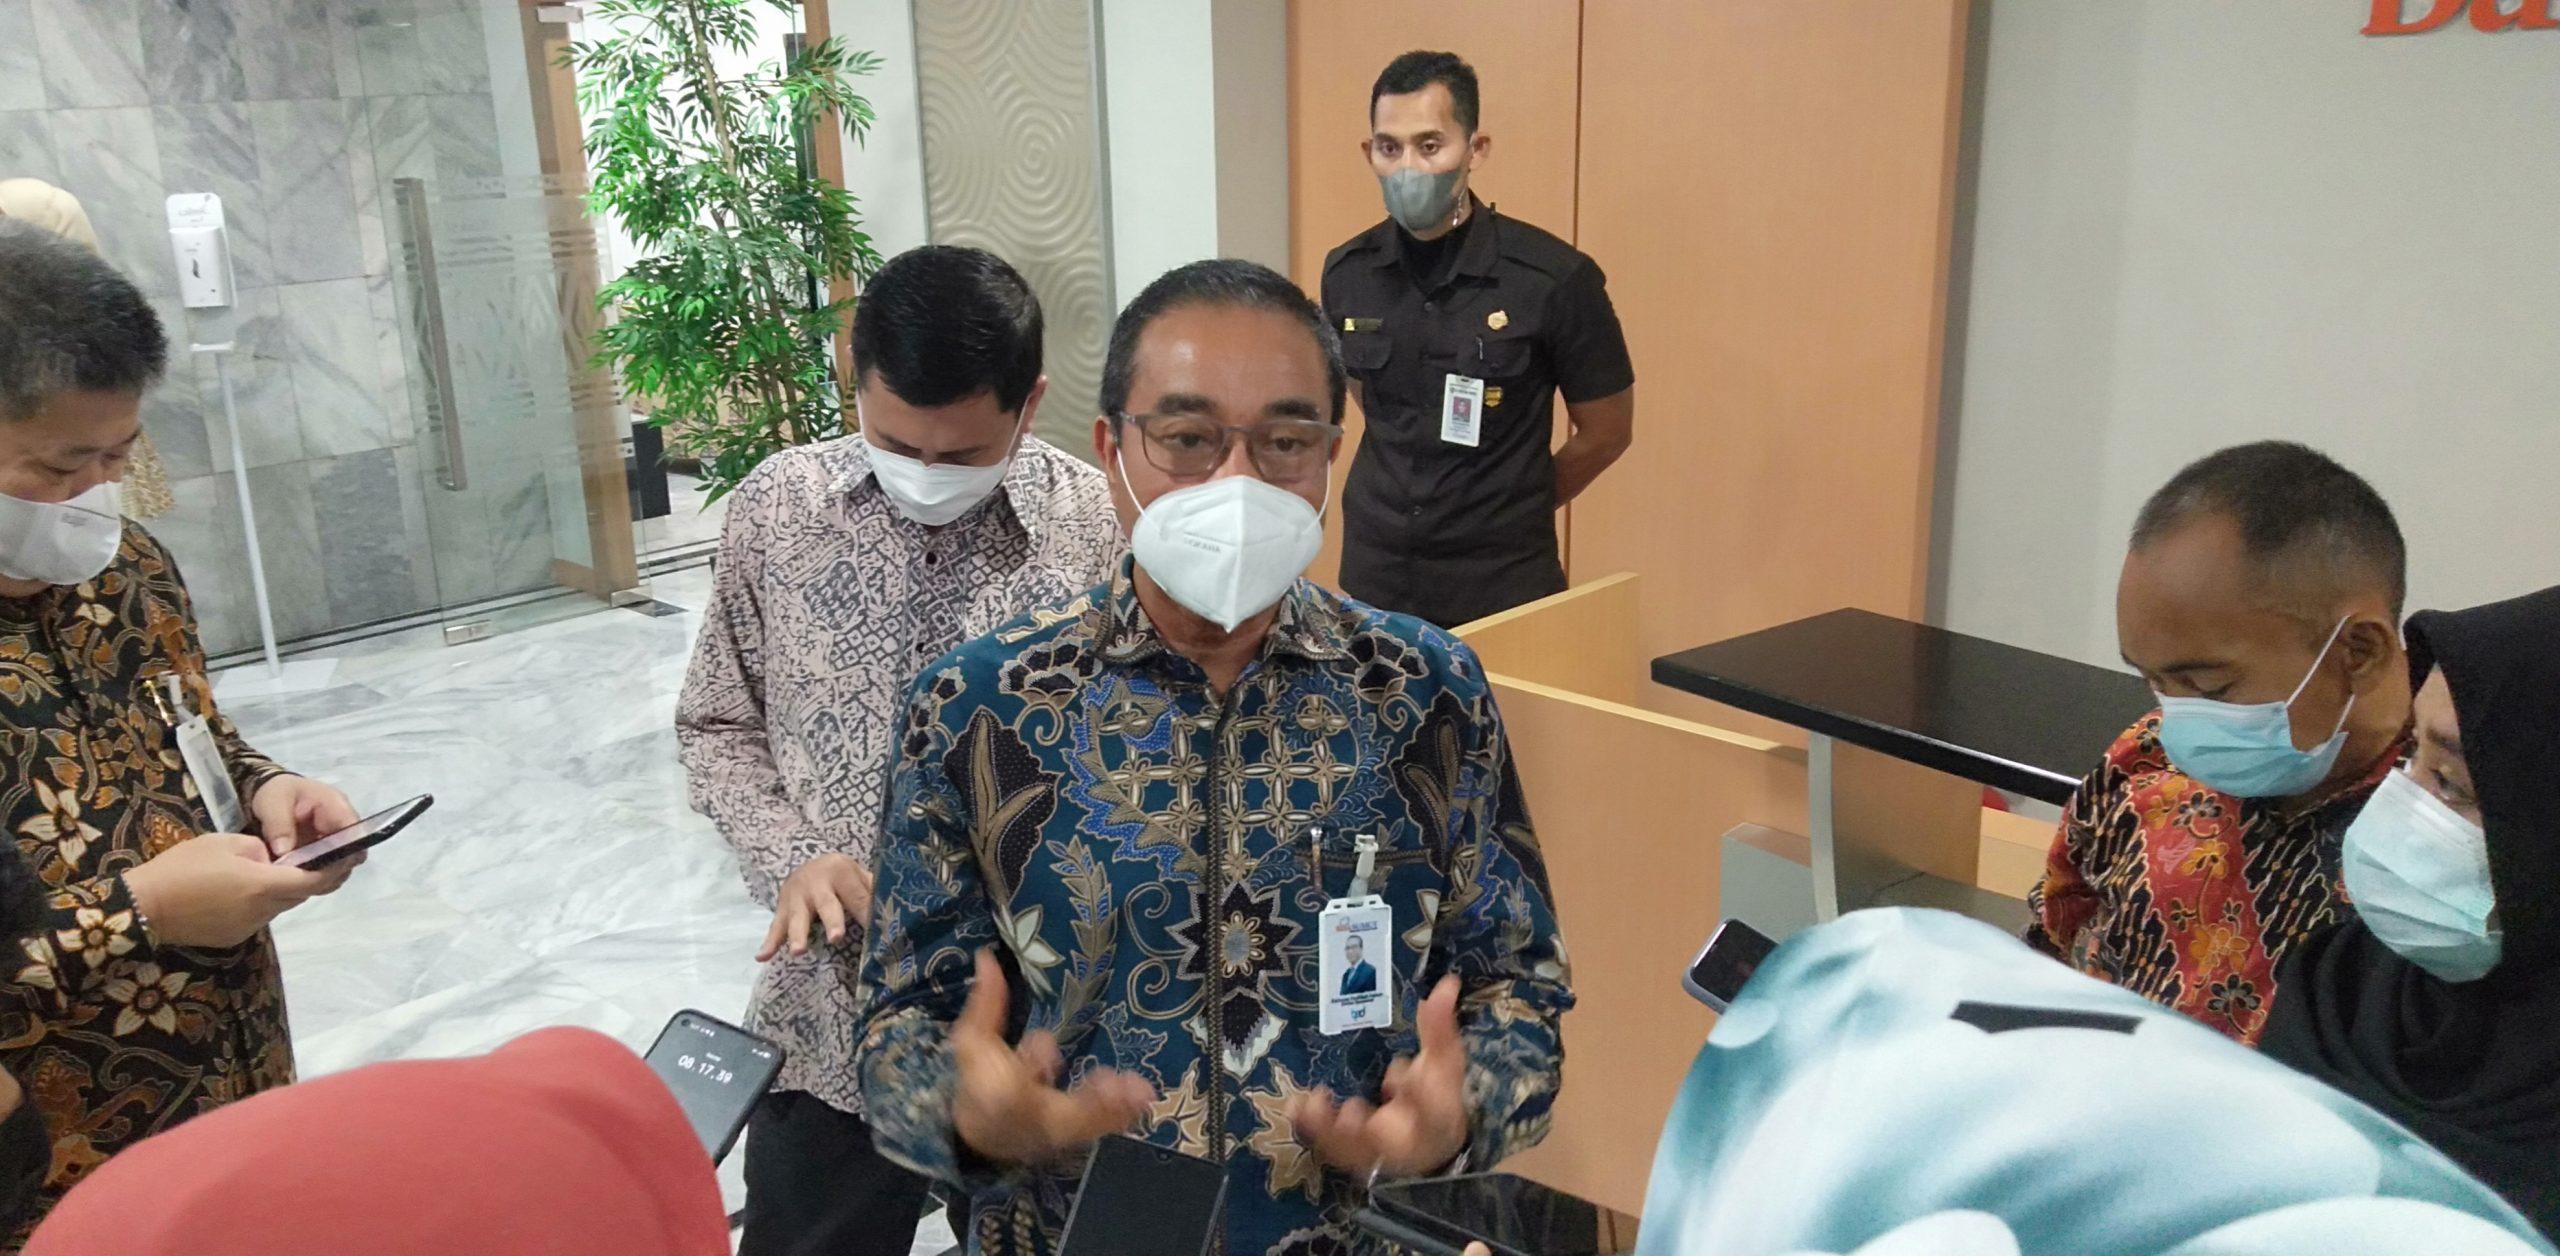 Terpilih sebagai Dirut PT. Bank Sumut pada RUPS-LB, Rahmat Fadillah Pohan Fokus Pada Peningkatan Digitalisasi